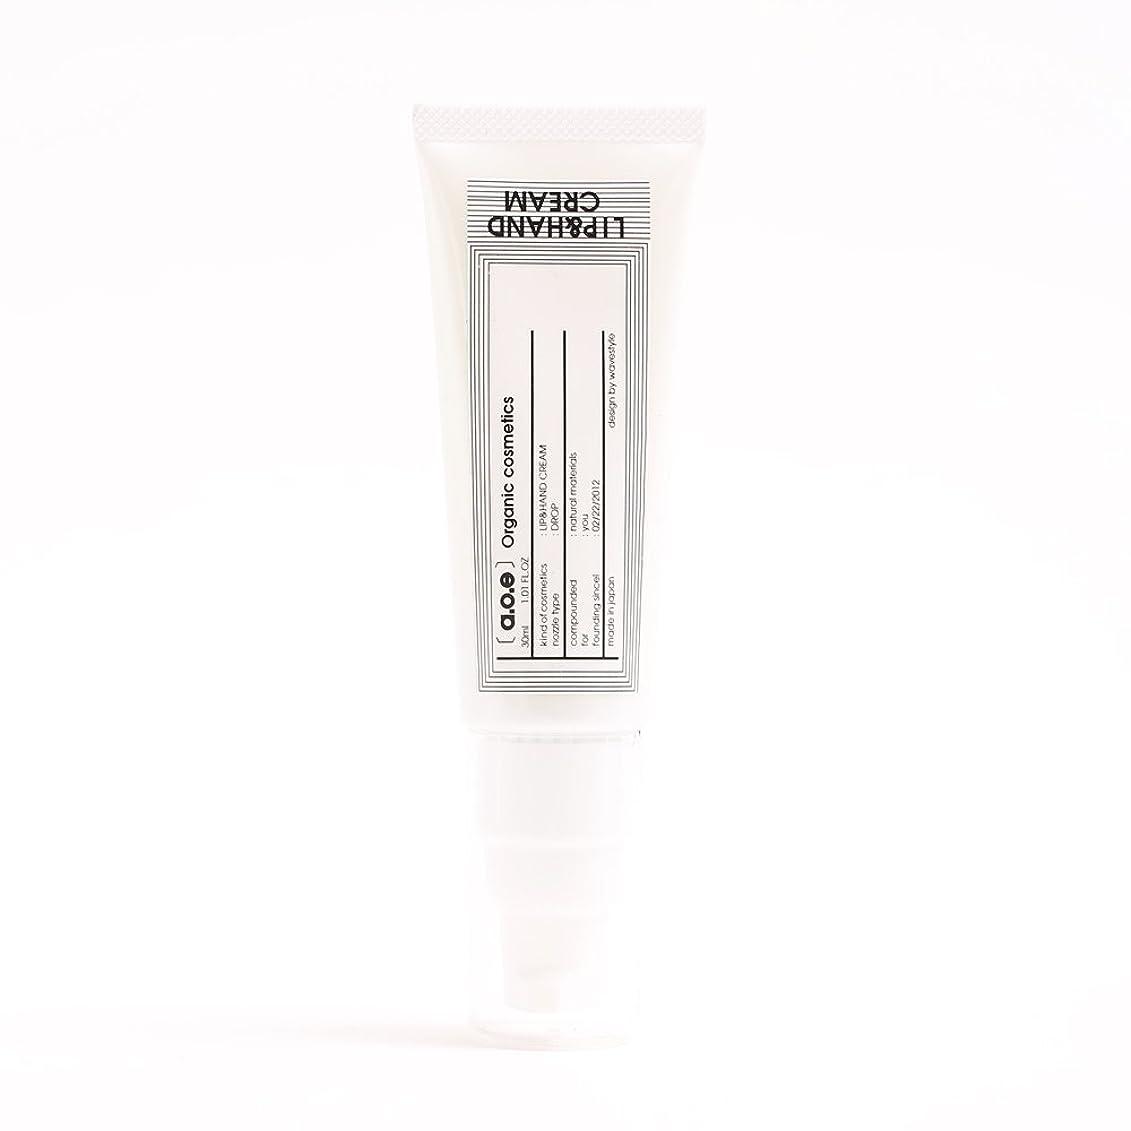 薄い浪費組み合わせるaoe 【無添加オーガニック】UVカット オイルリップ&ハンドクリーム/乾燥性敏感肌